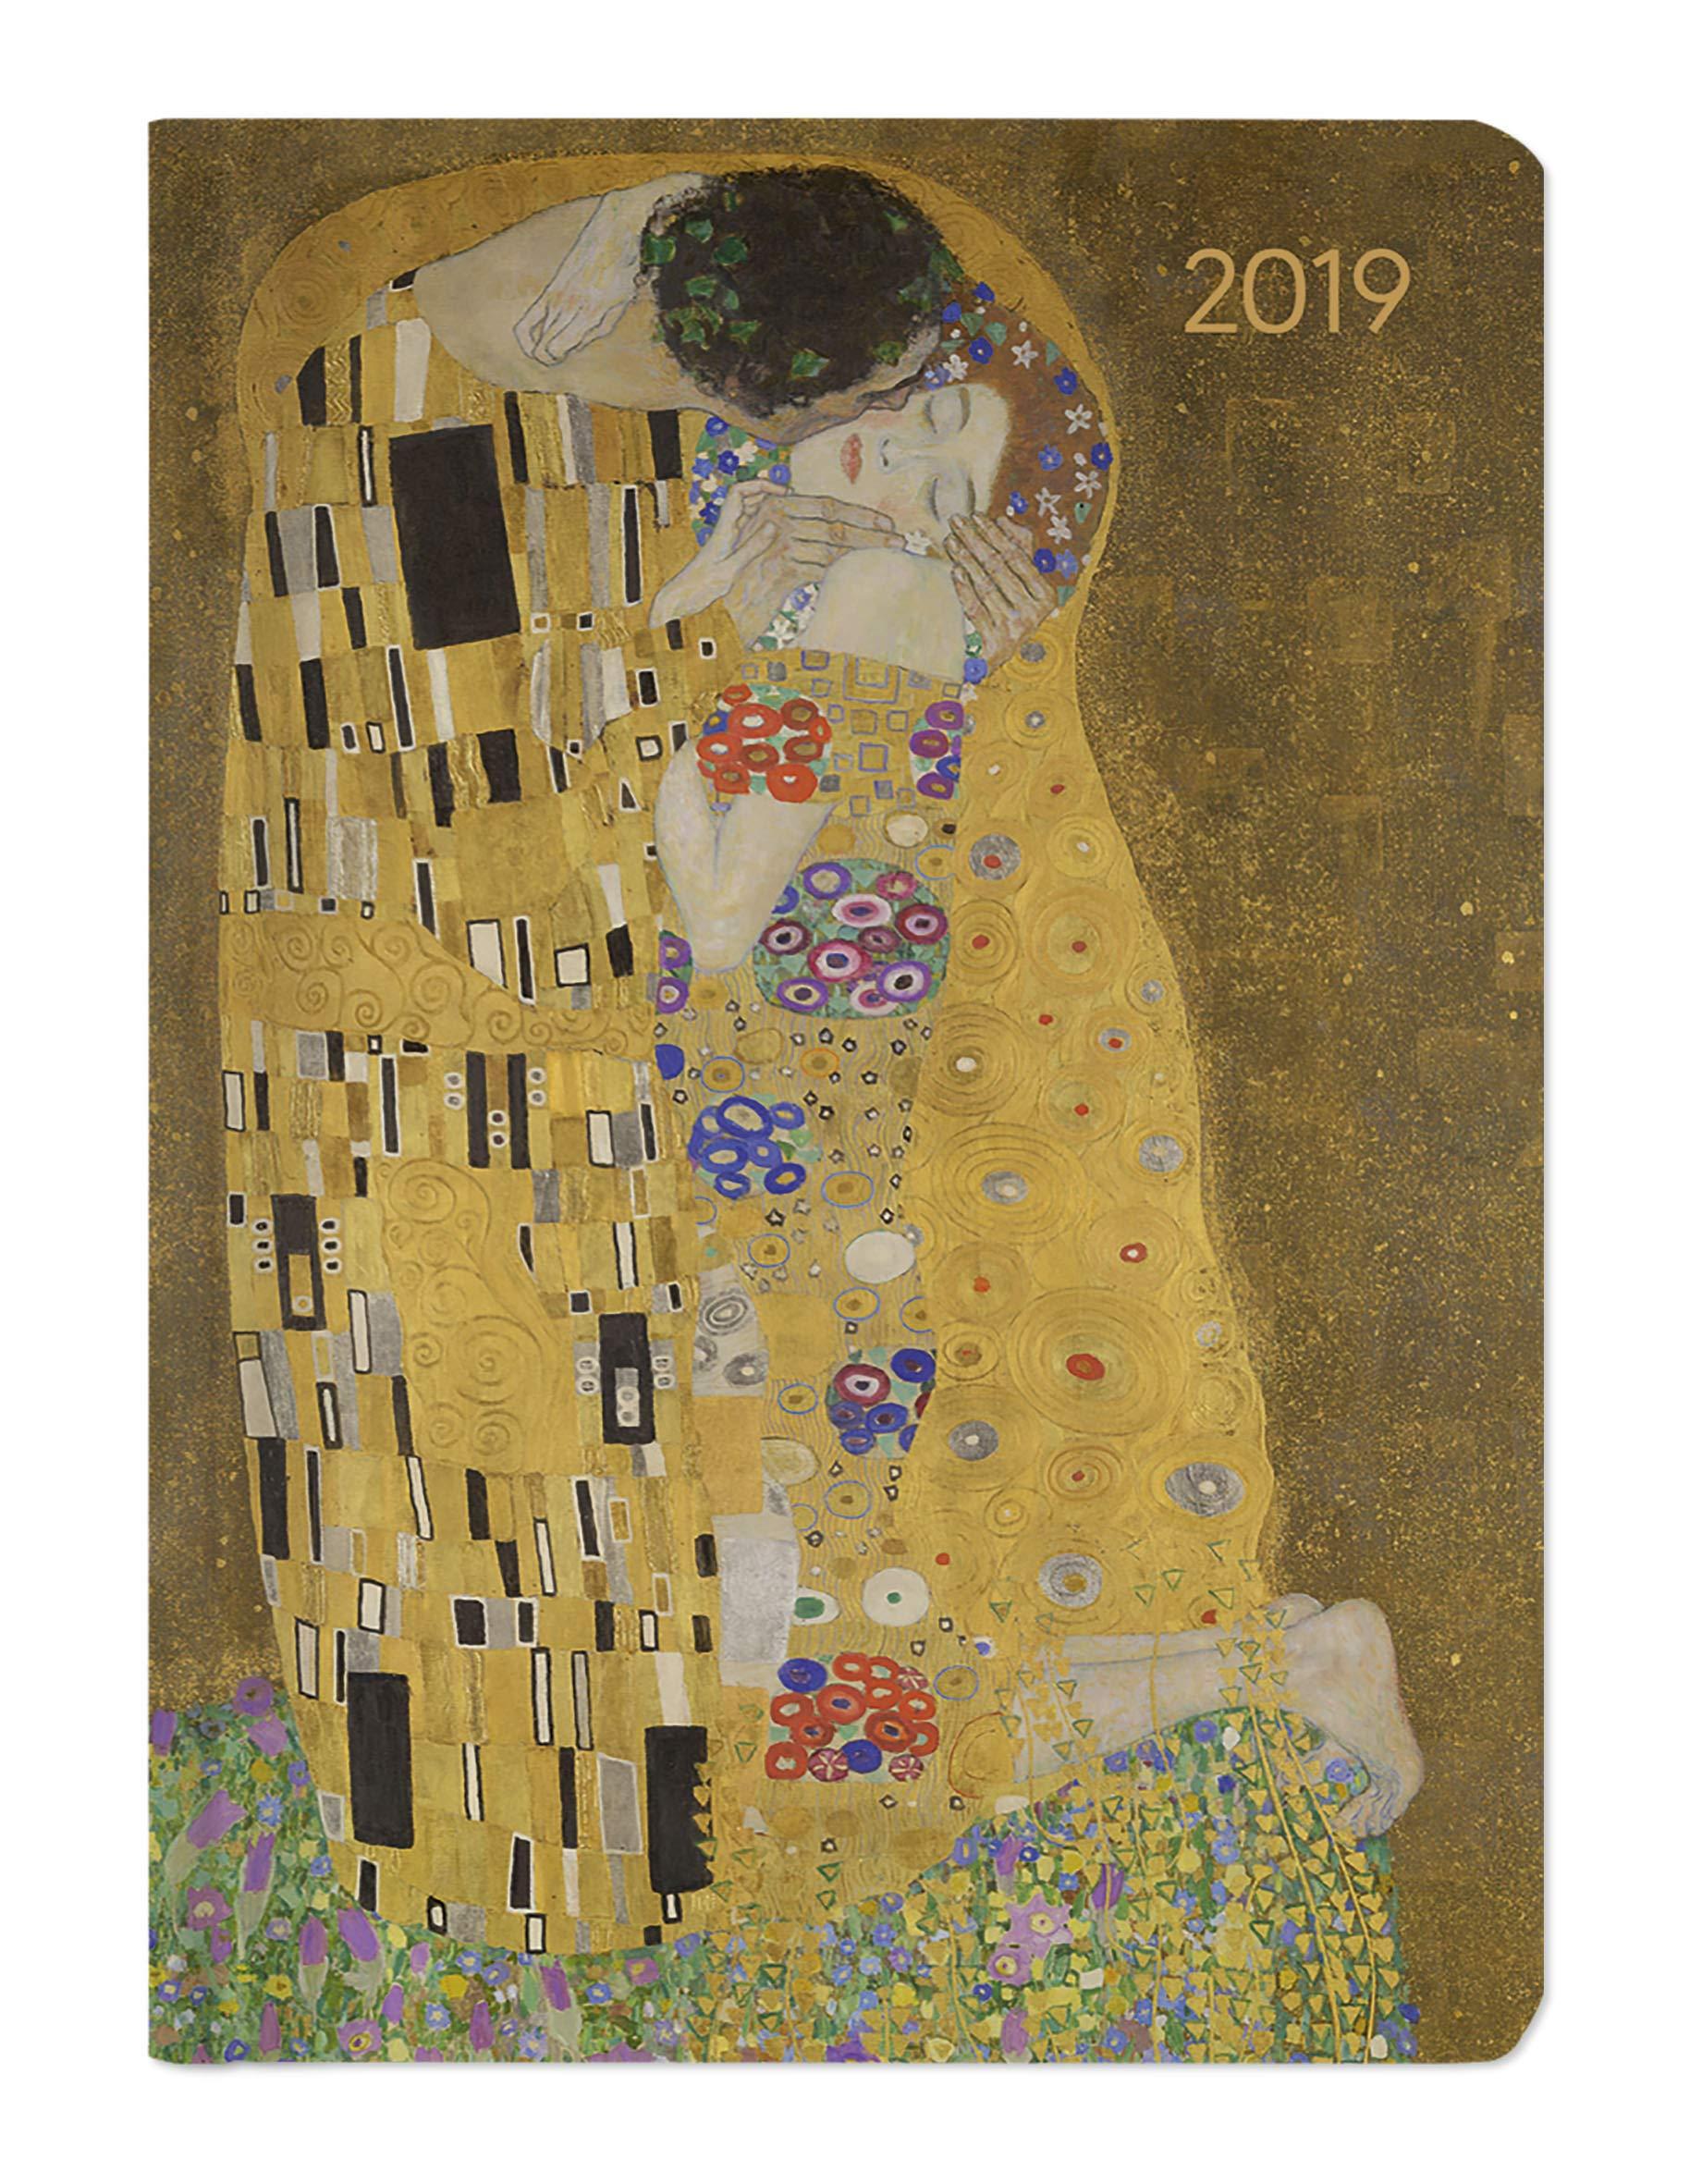 Ladytimer Klimt 2019 - Taschenplaner / Taschenkalender A6 - Weekly - 192 Seiten - Notizen Kalender – Terminkalender, 1. Juni 2018 ALPHA EDITION 3840797861 19.0786 für Frauen und/oder Mädchen